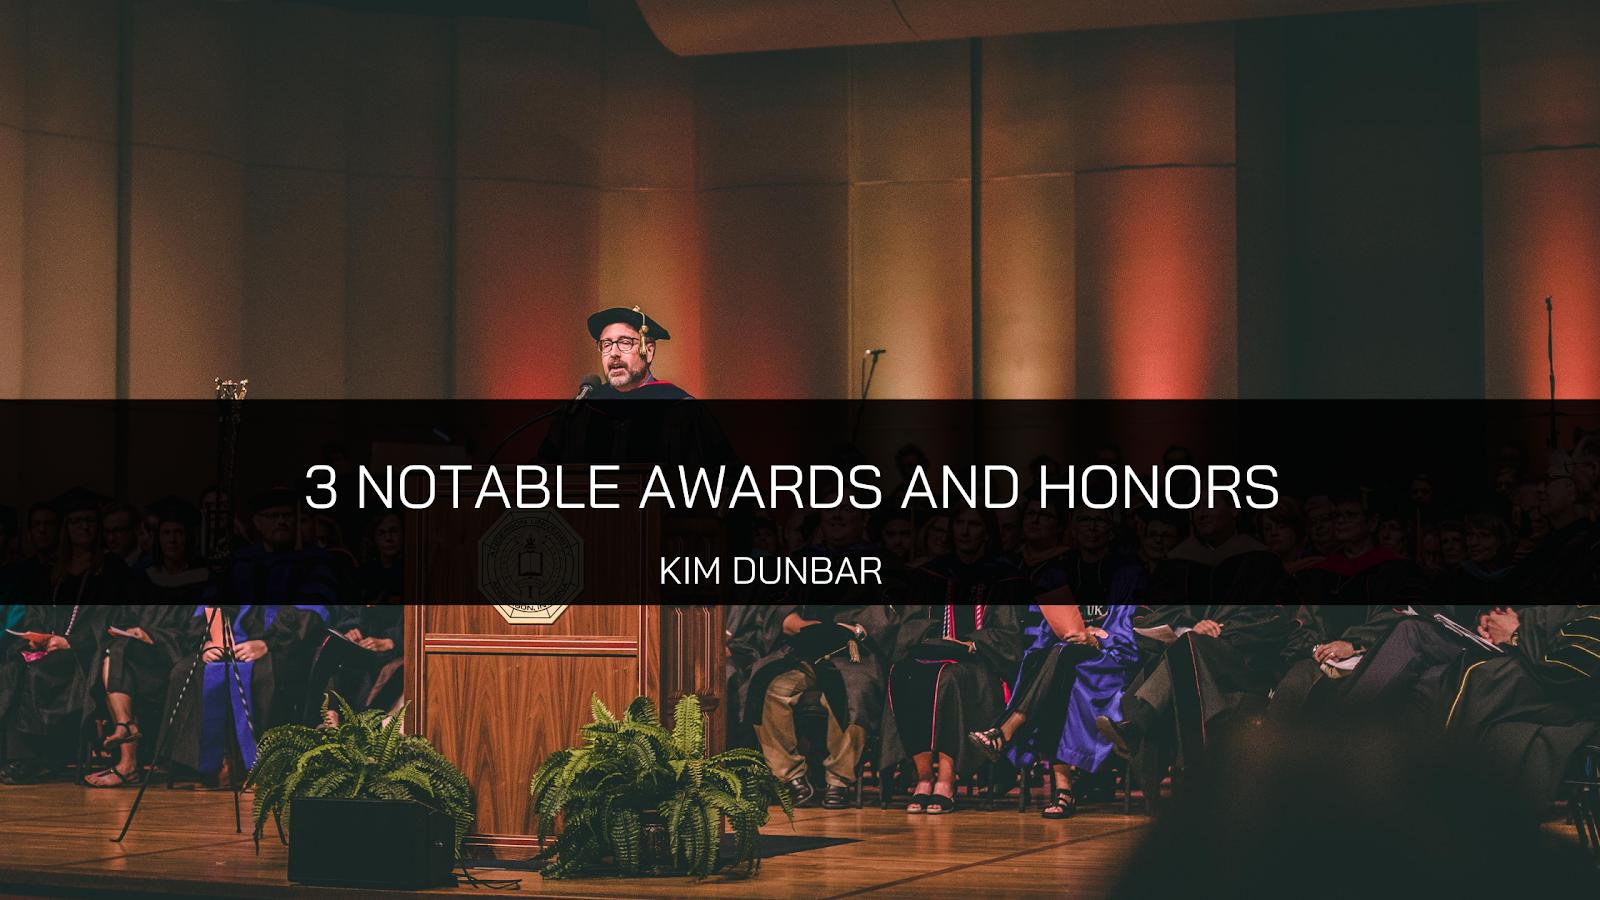 Kim Dunbar Awards